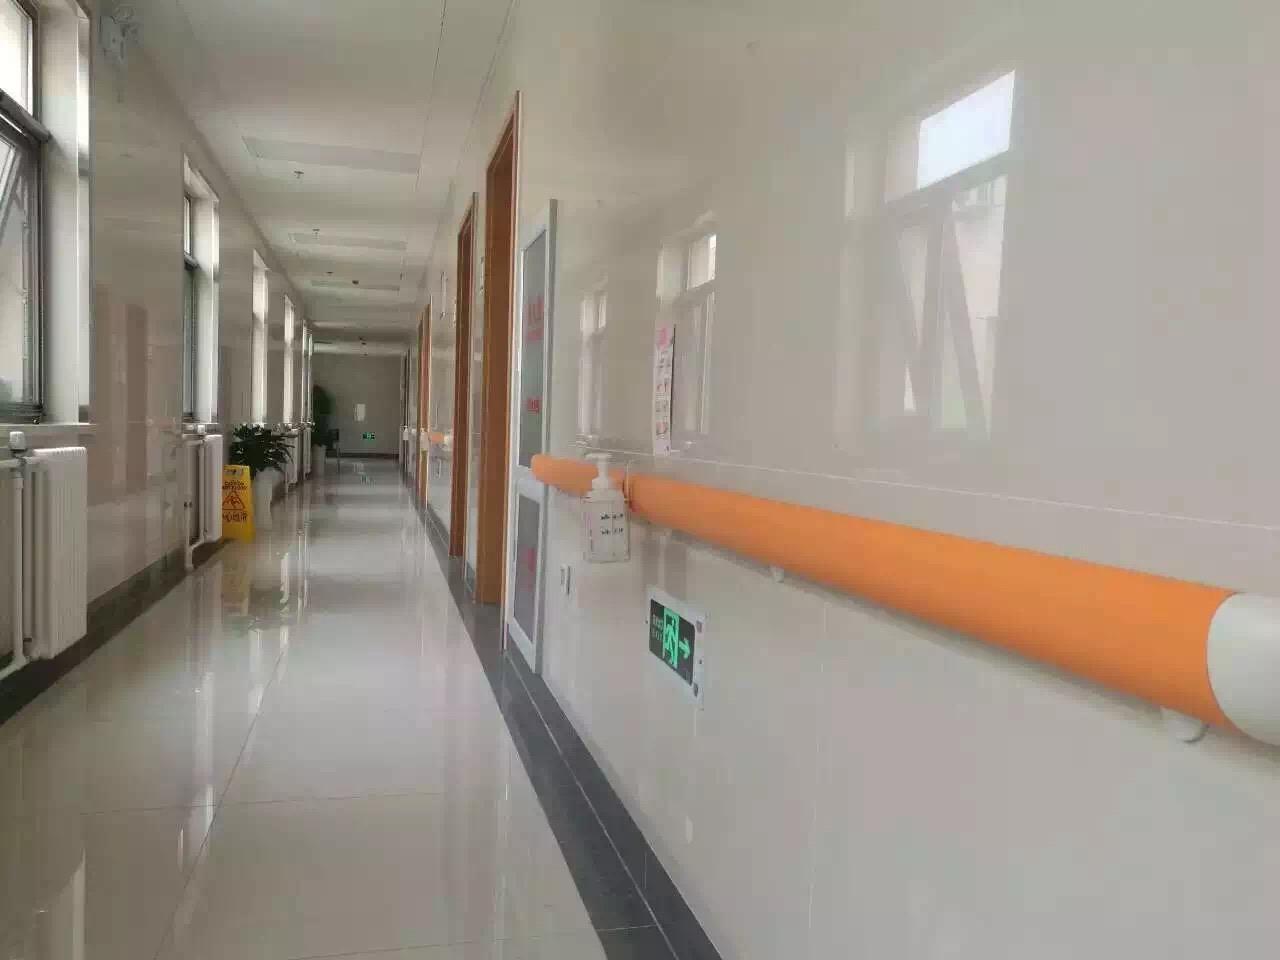 【江苏项目】幸福养老院安装2款蓝品盾家的防撞扶手